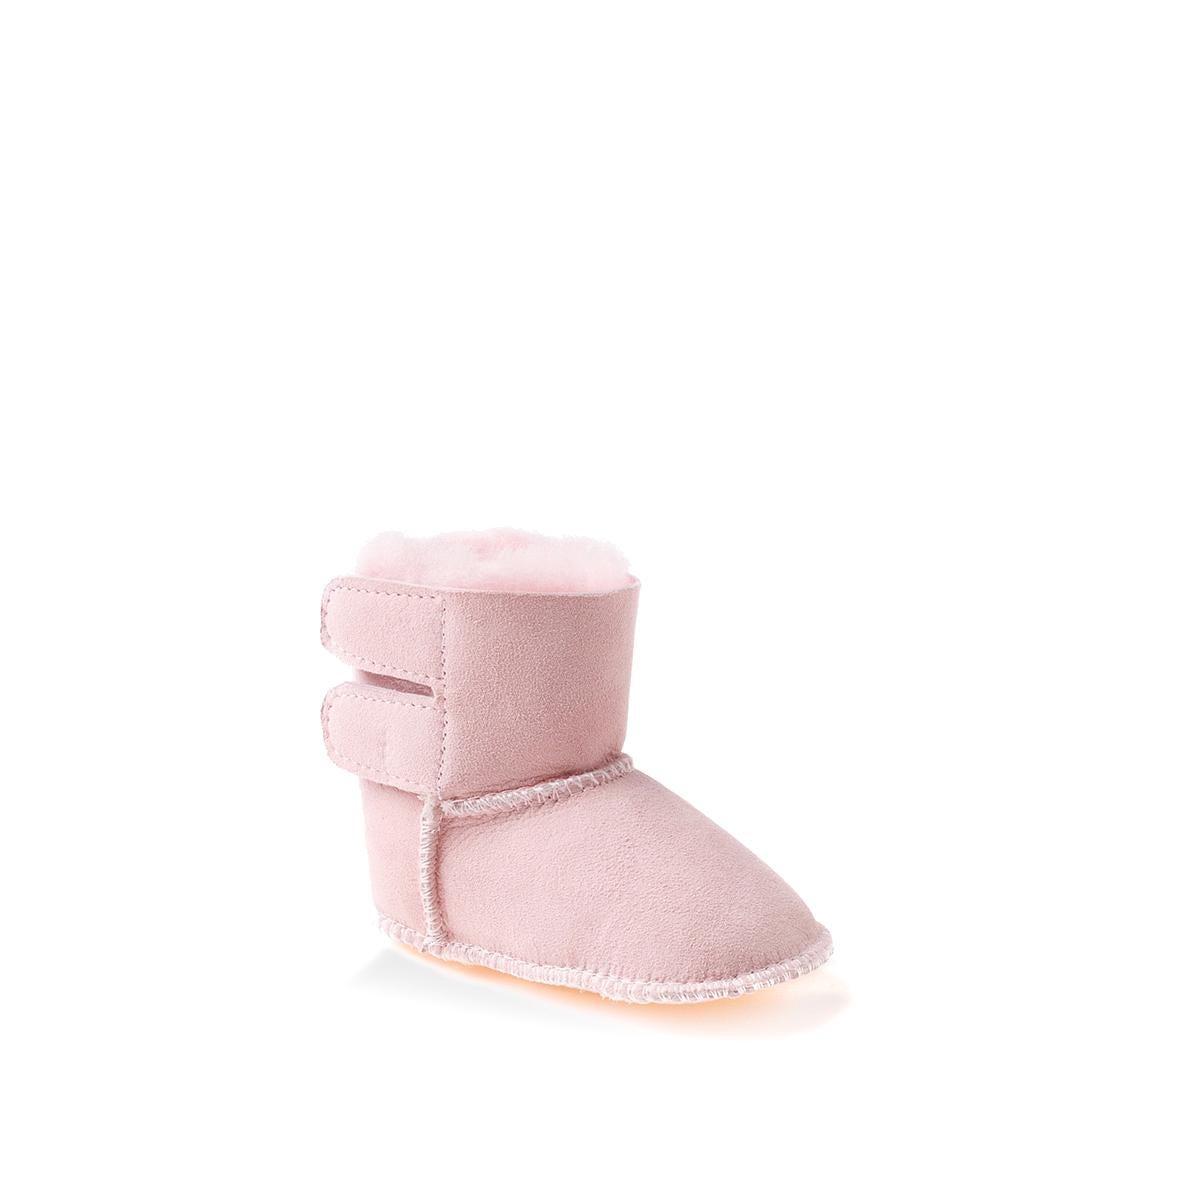 OZWEAR UGG Baby Ugg Boots (Pink